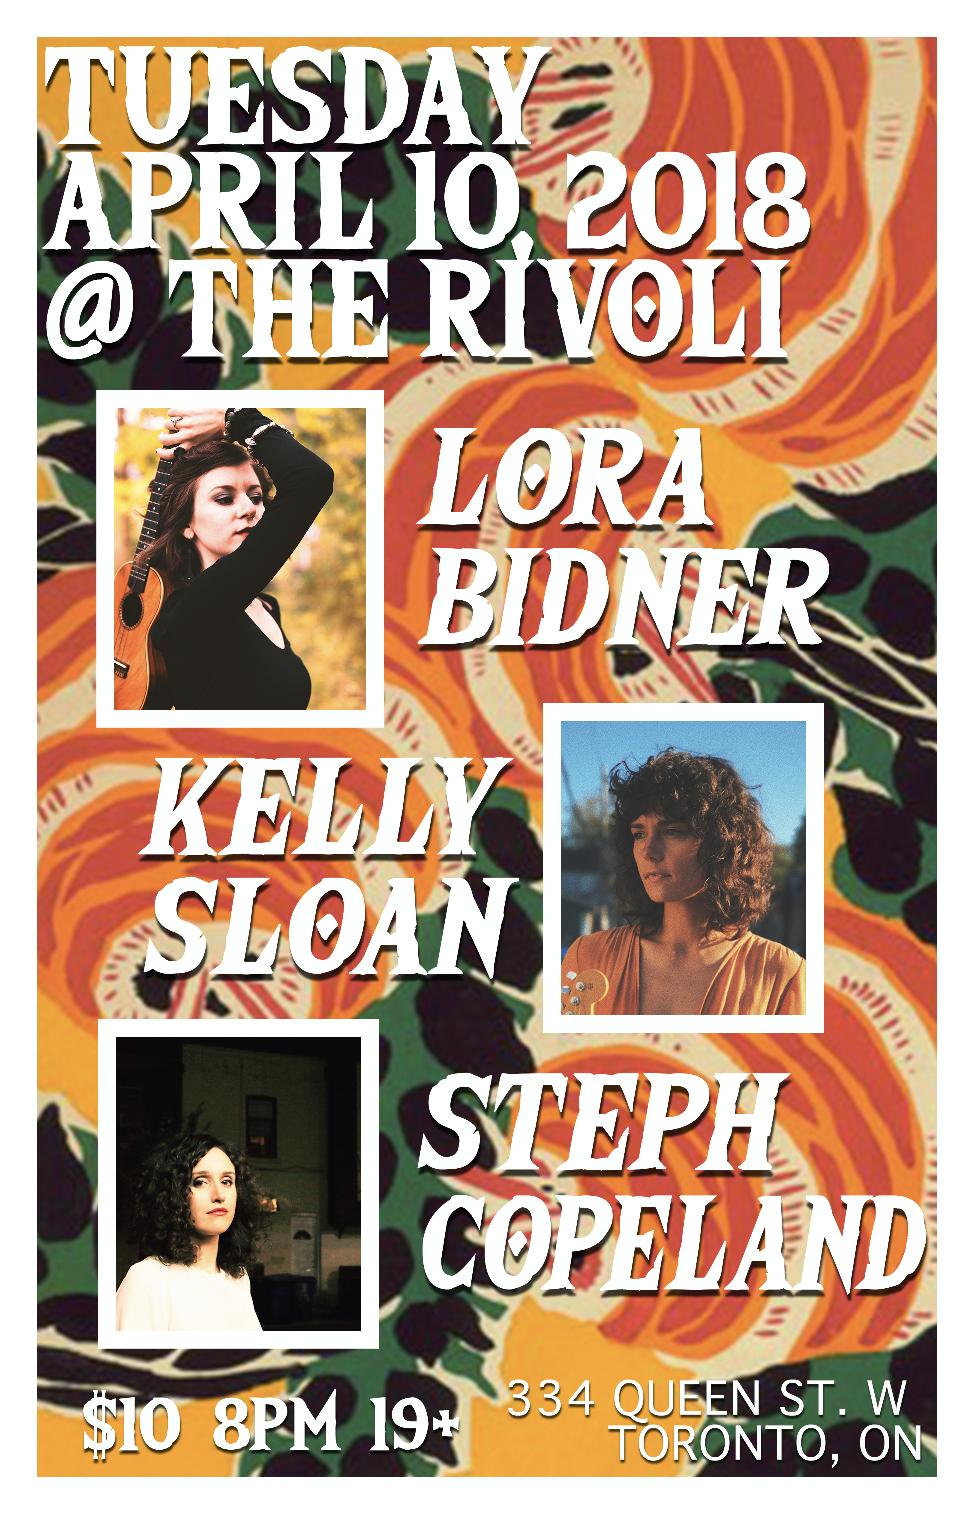 LORA BIDNERW/ STEPH COPELKELLY SLOAN - COVER: $10 ADV / $15 DOORMORE INFO